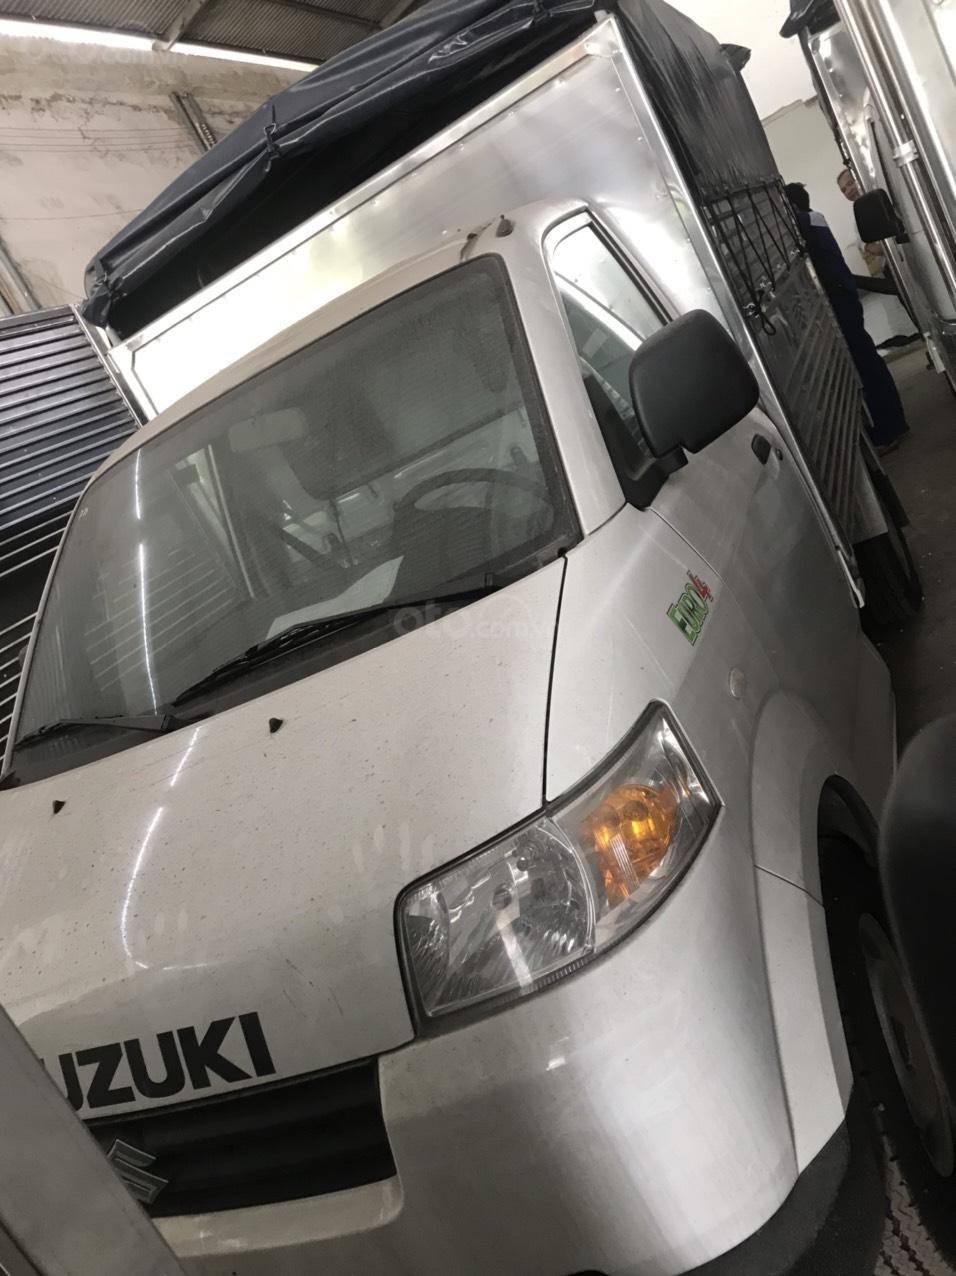 Suzuki Hồng Phương - Ưu đãi giám giá cuối năm chiếc xe Suzuki Super Carry Pro đời 2018, màu trắng (3)